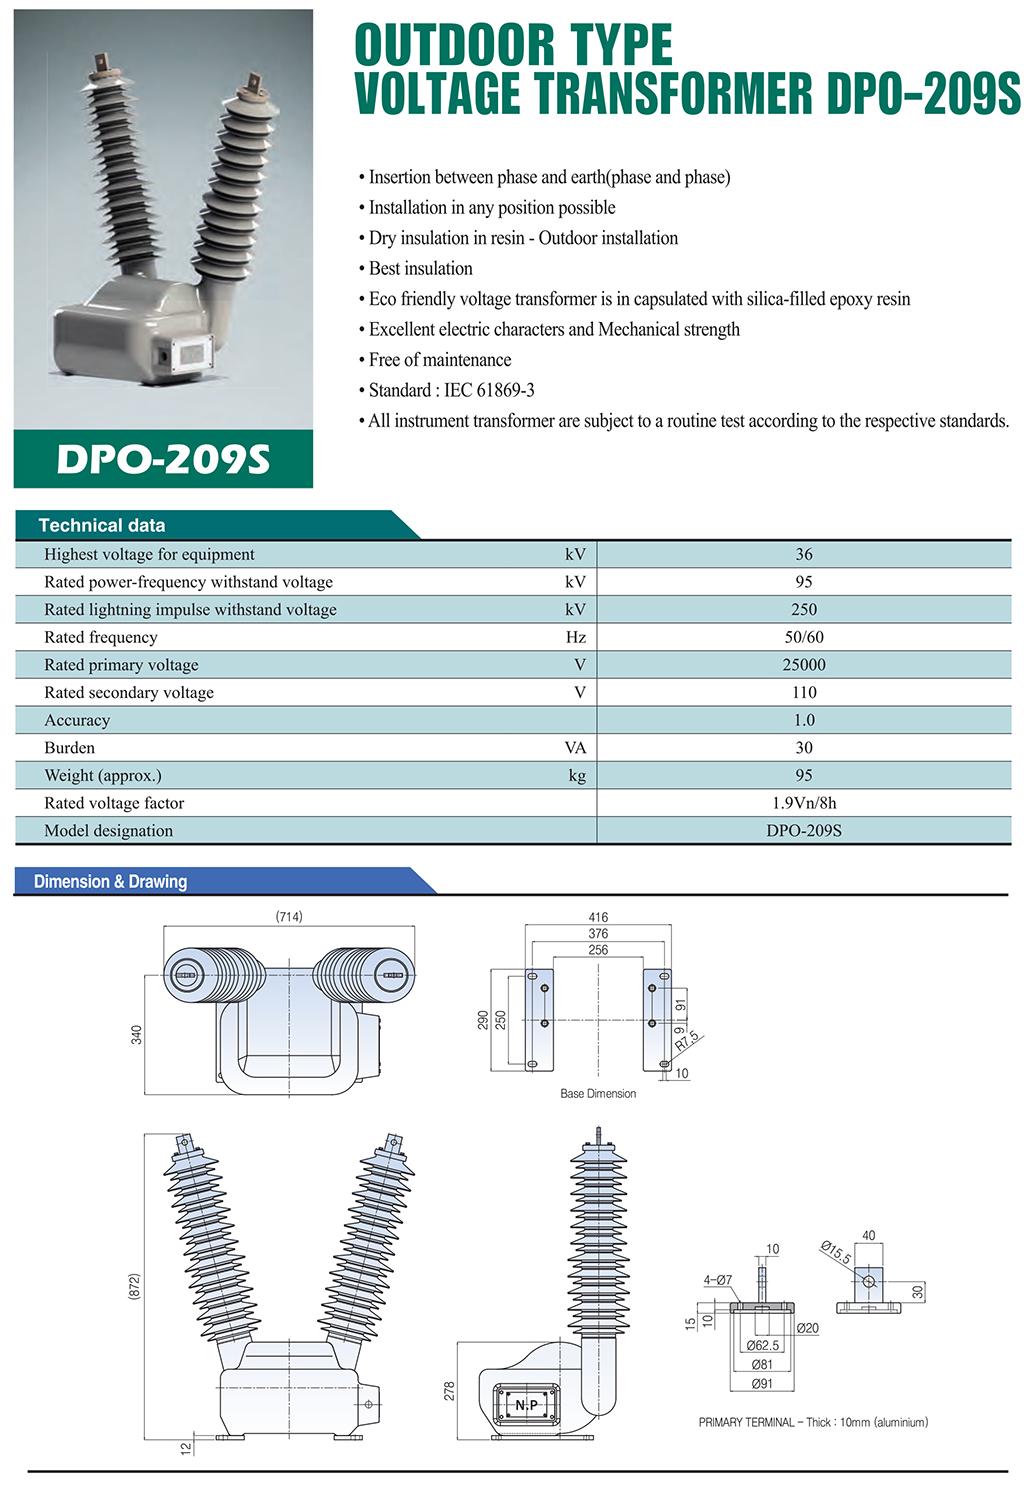 DONGWOO Outdoor type VT DPO-209S